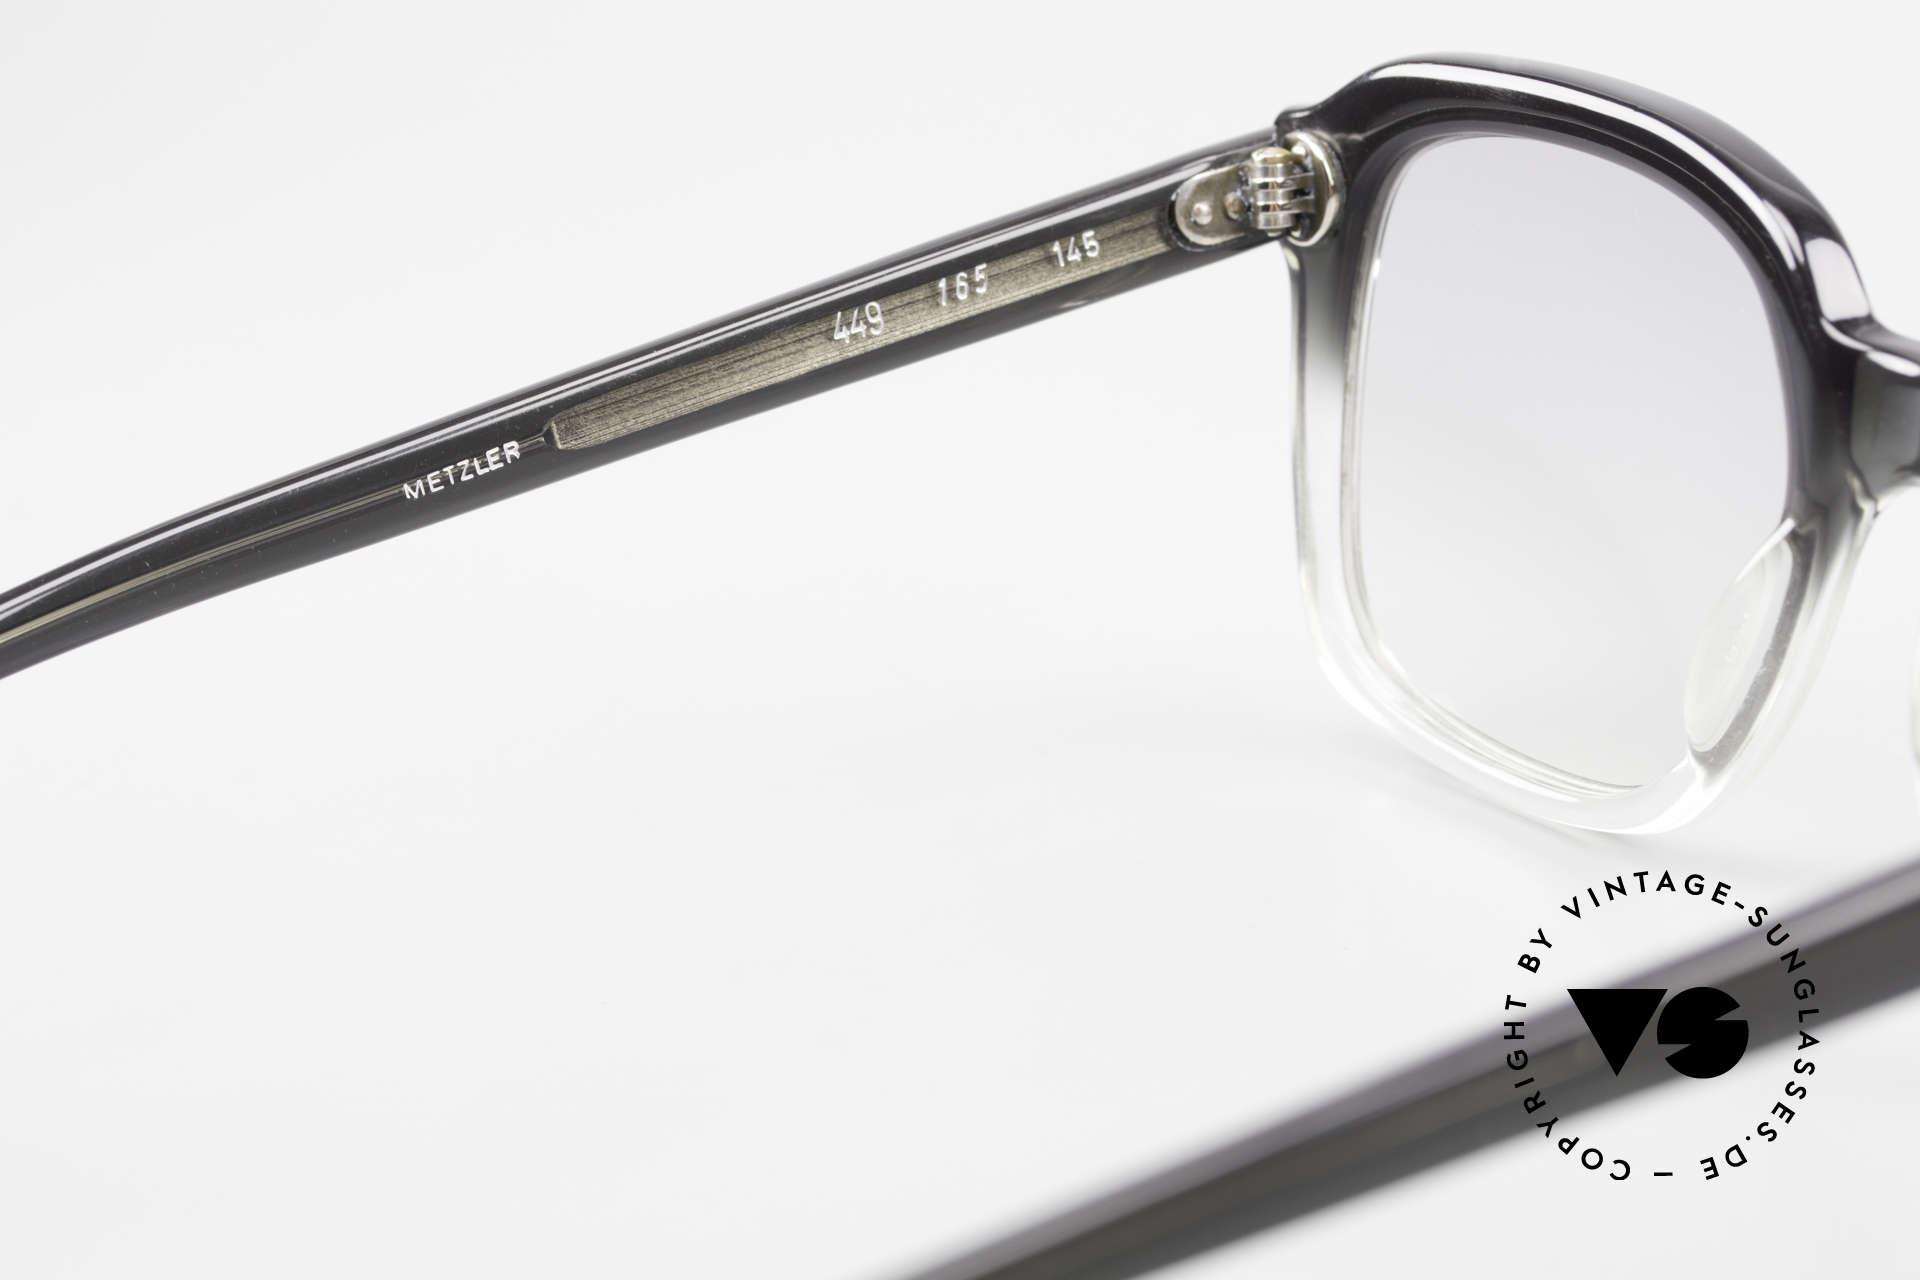 Metzler 449 1970's Original Nerd Glasses, with light gray tinted sun lenses for 100% UV protection, Made for Men